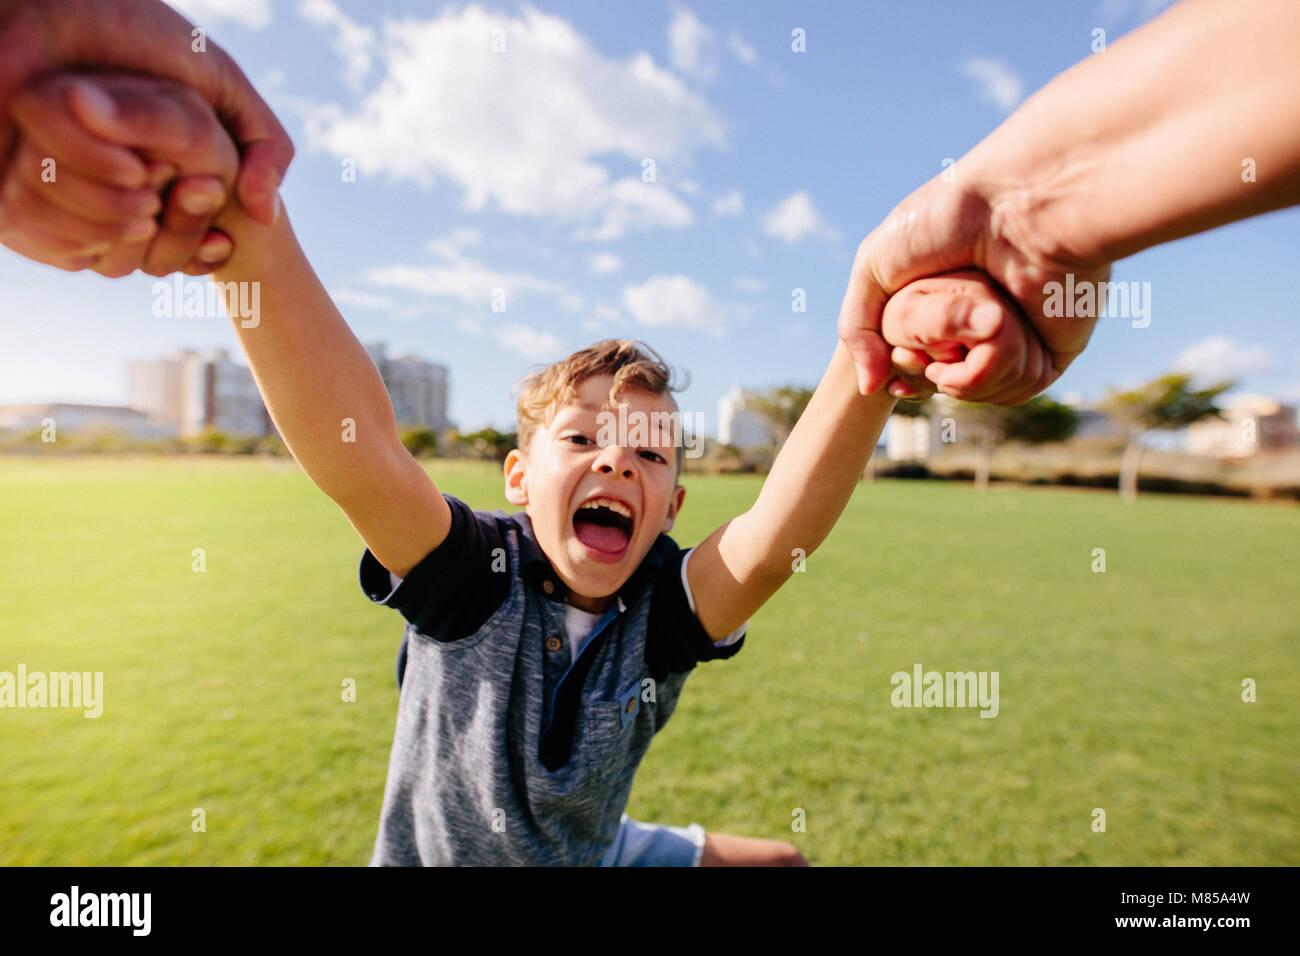 Allegro ragazzo gode di essere sollevata in aria durante il gioco in un parco. Close up di un ragazzo in giocoso Immagini Stock